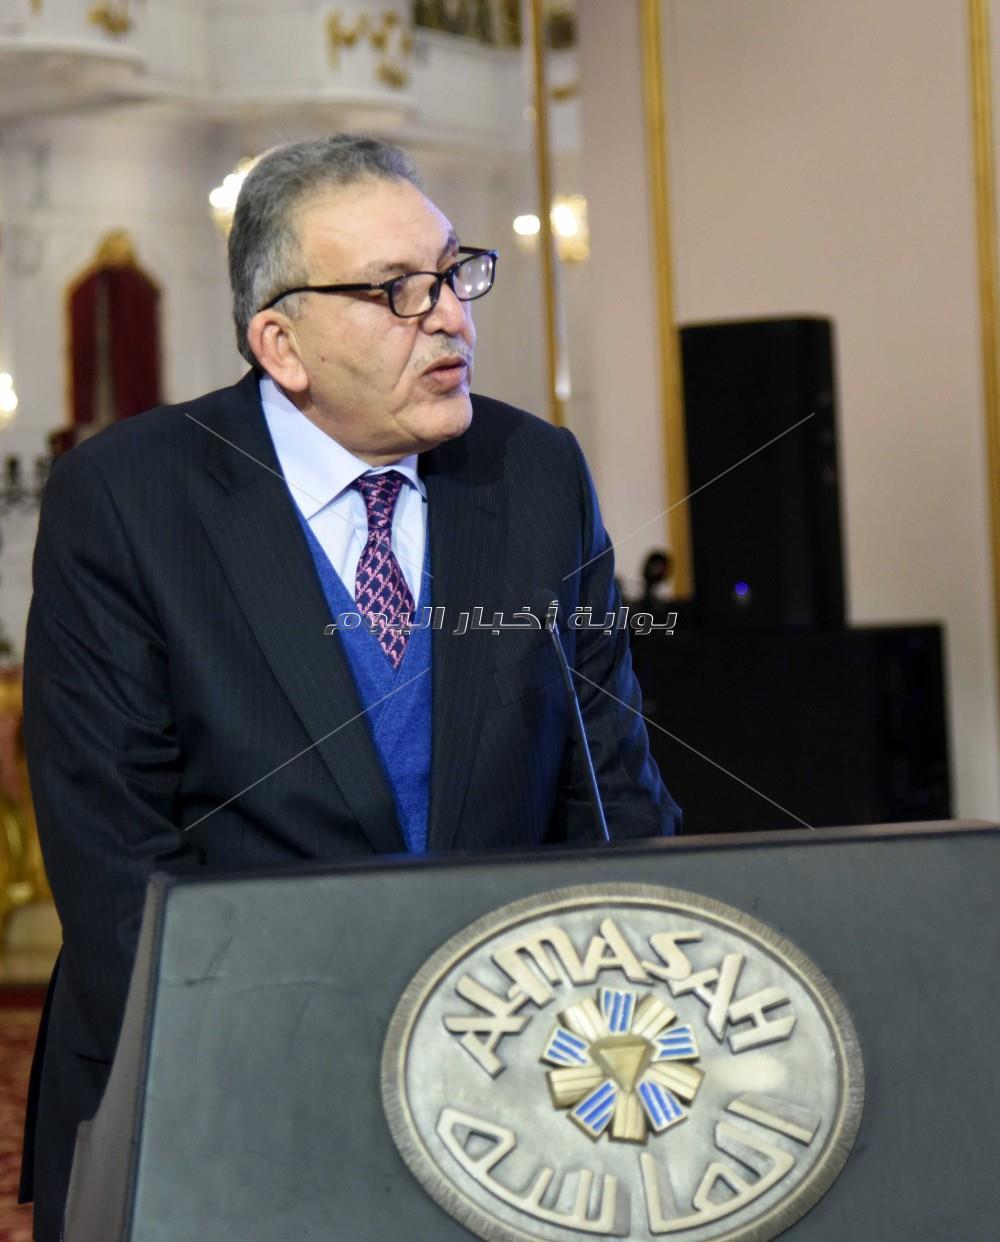 الملتقى الاقتصادى والتجارى بين مصر والعراق